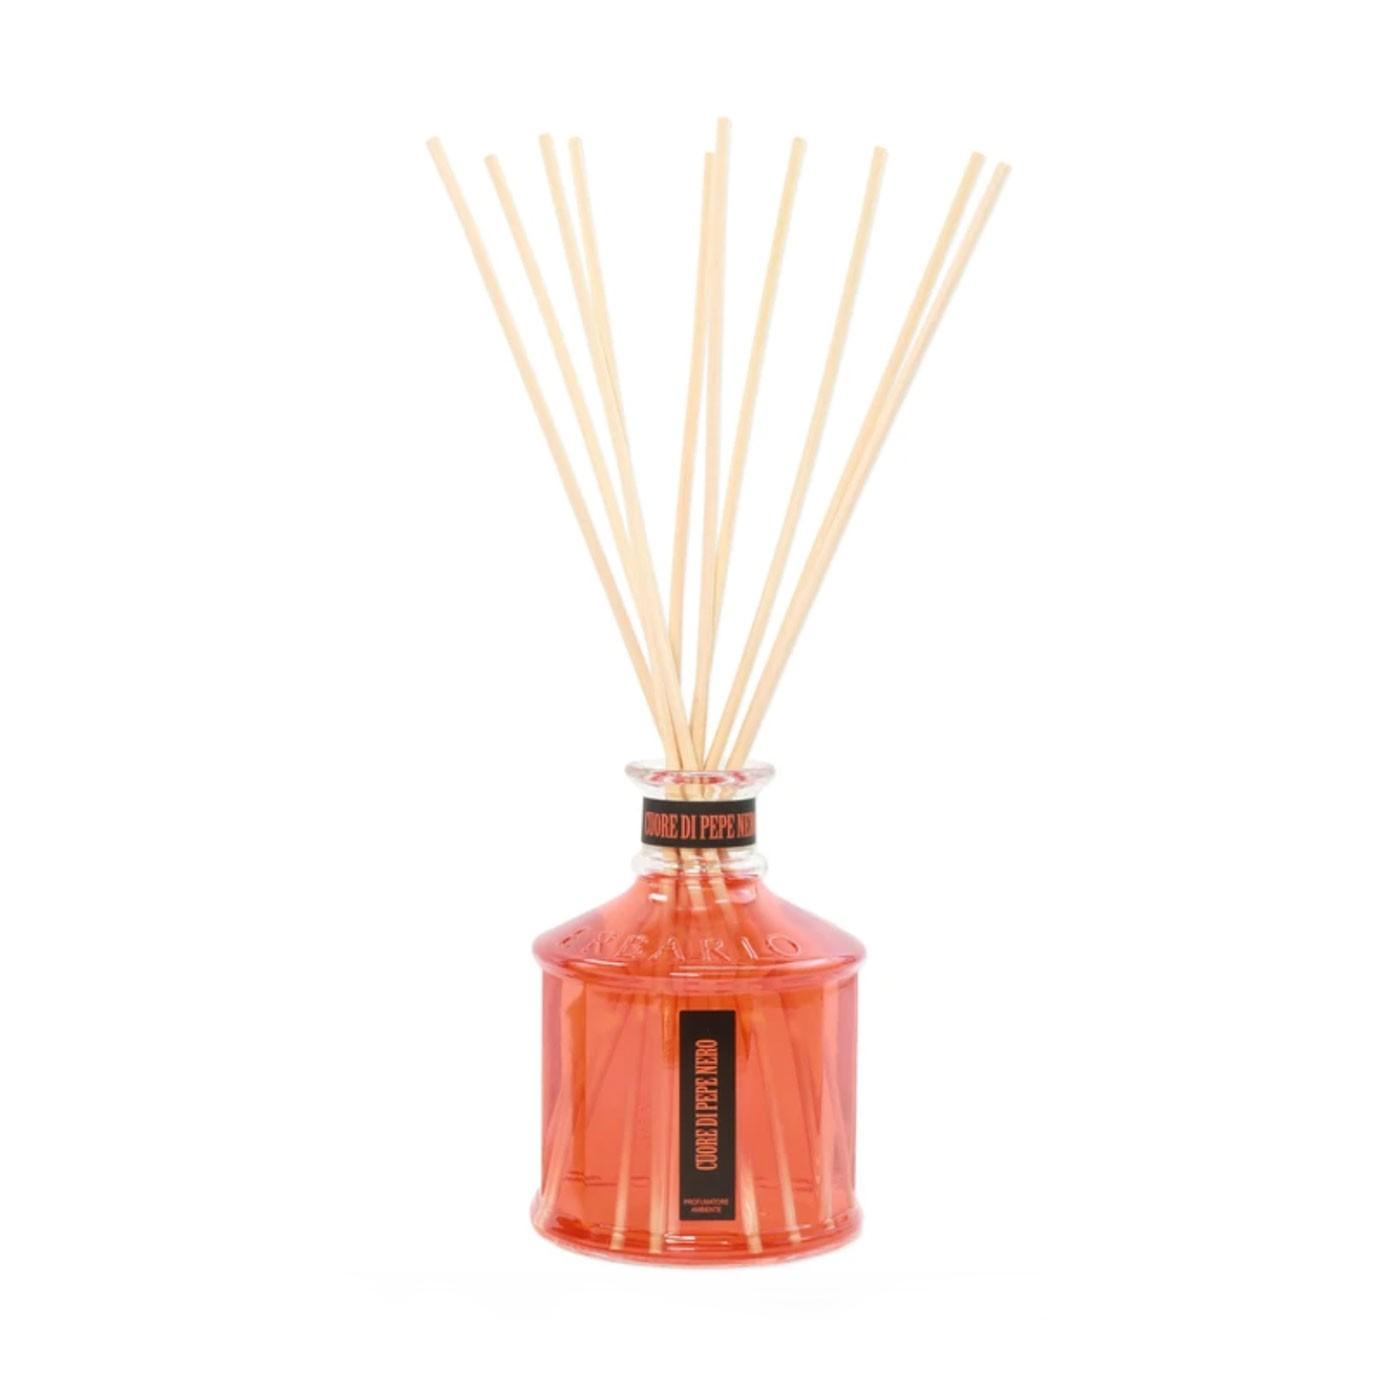 Black Pepper Fragrance Diffuser 8.4 oz - Erbario Toscano | Eataly.com